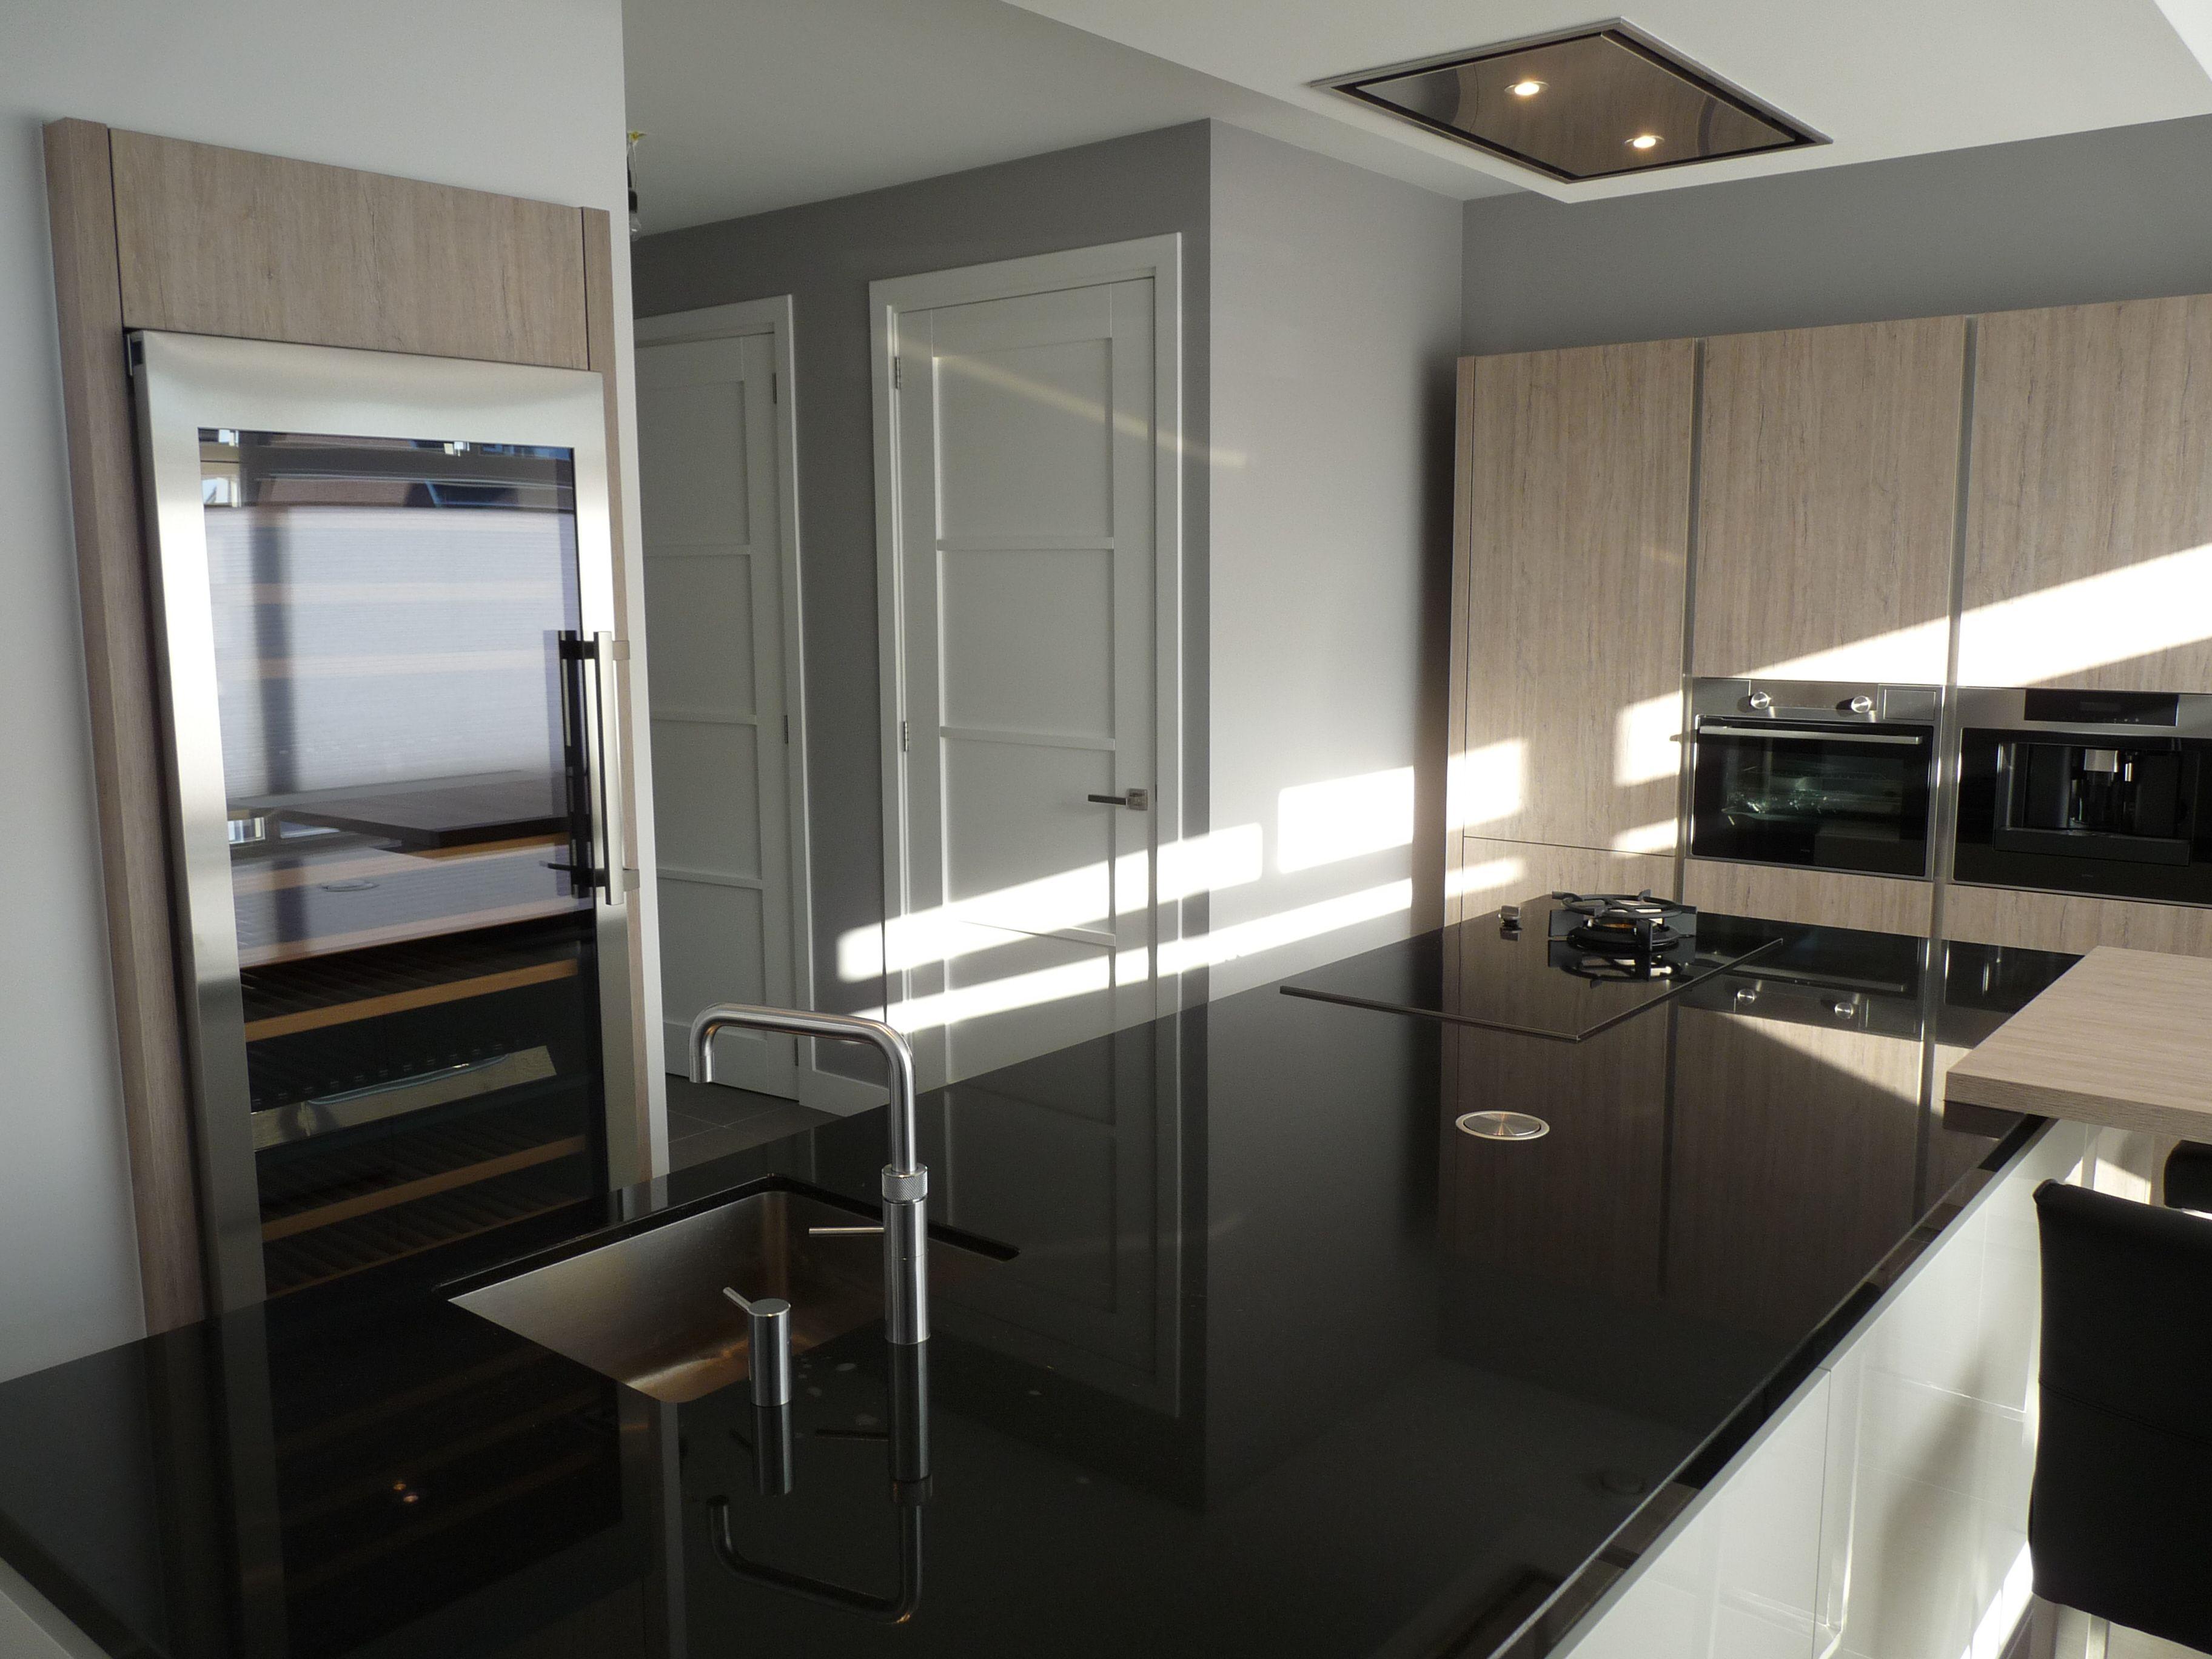 Moderne Warme Keuken : Moderne warme keuken met wijnklimaatkast meer keukeninspiratie